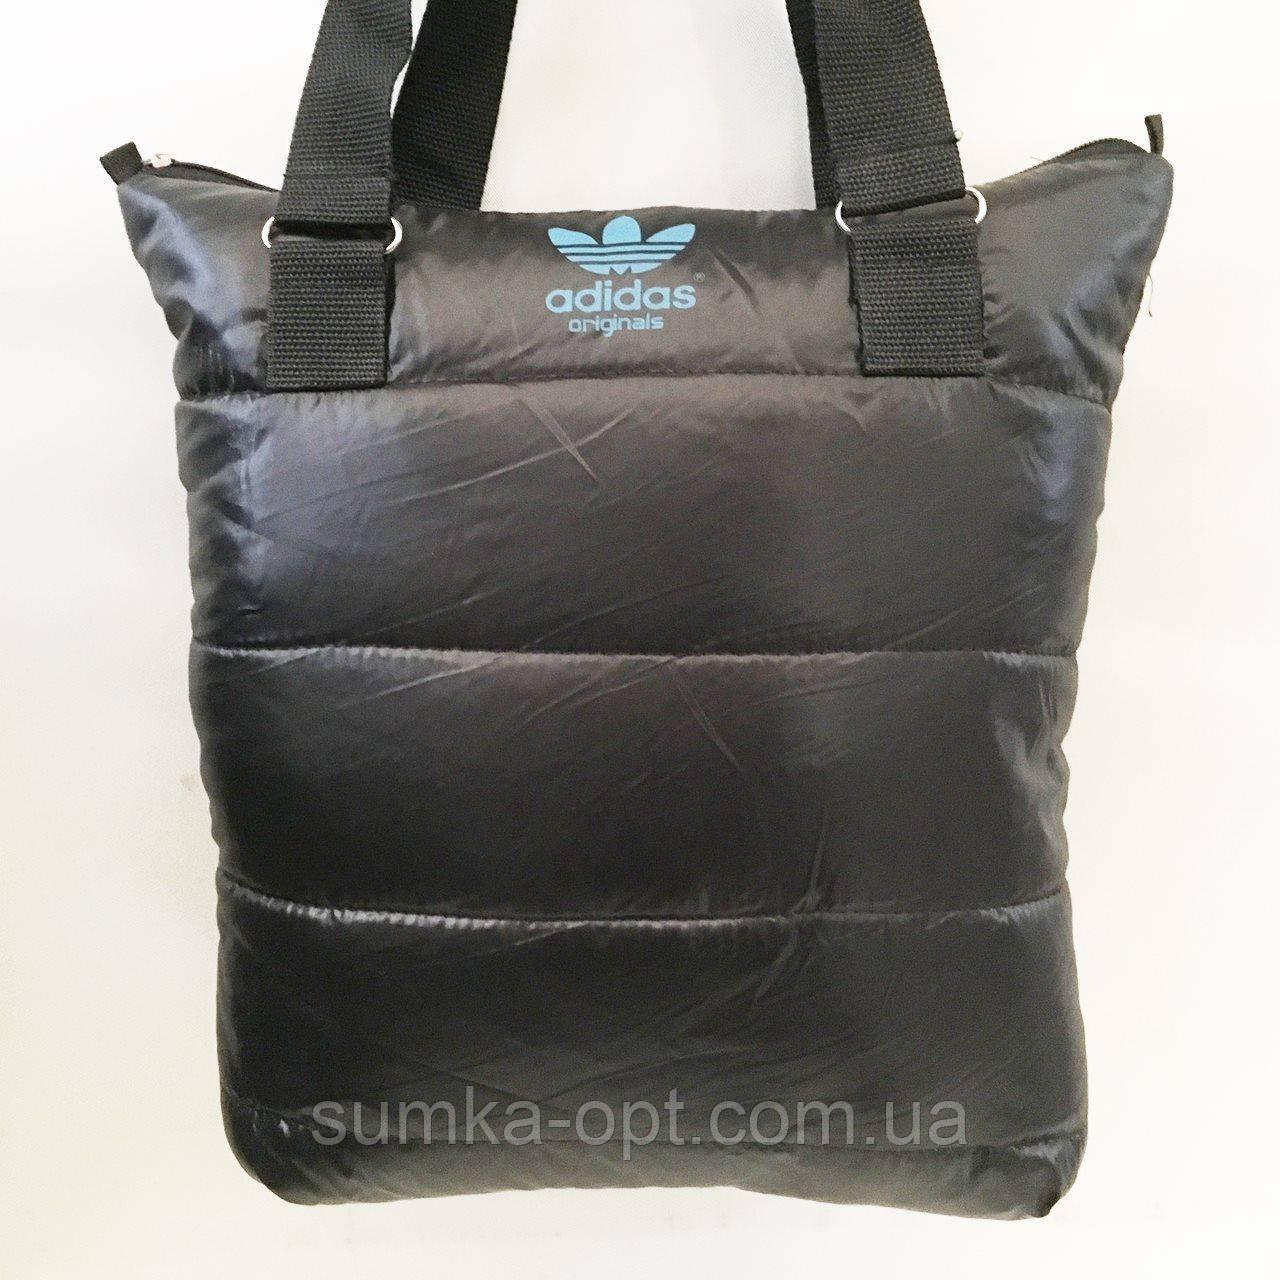 Дутые СПОРТИВНЫЕ сумки под пуховик Adidas (ЧЕРНЫЙ-ГОЛУБОЙ)34*35см